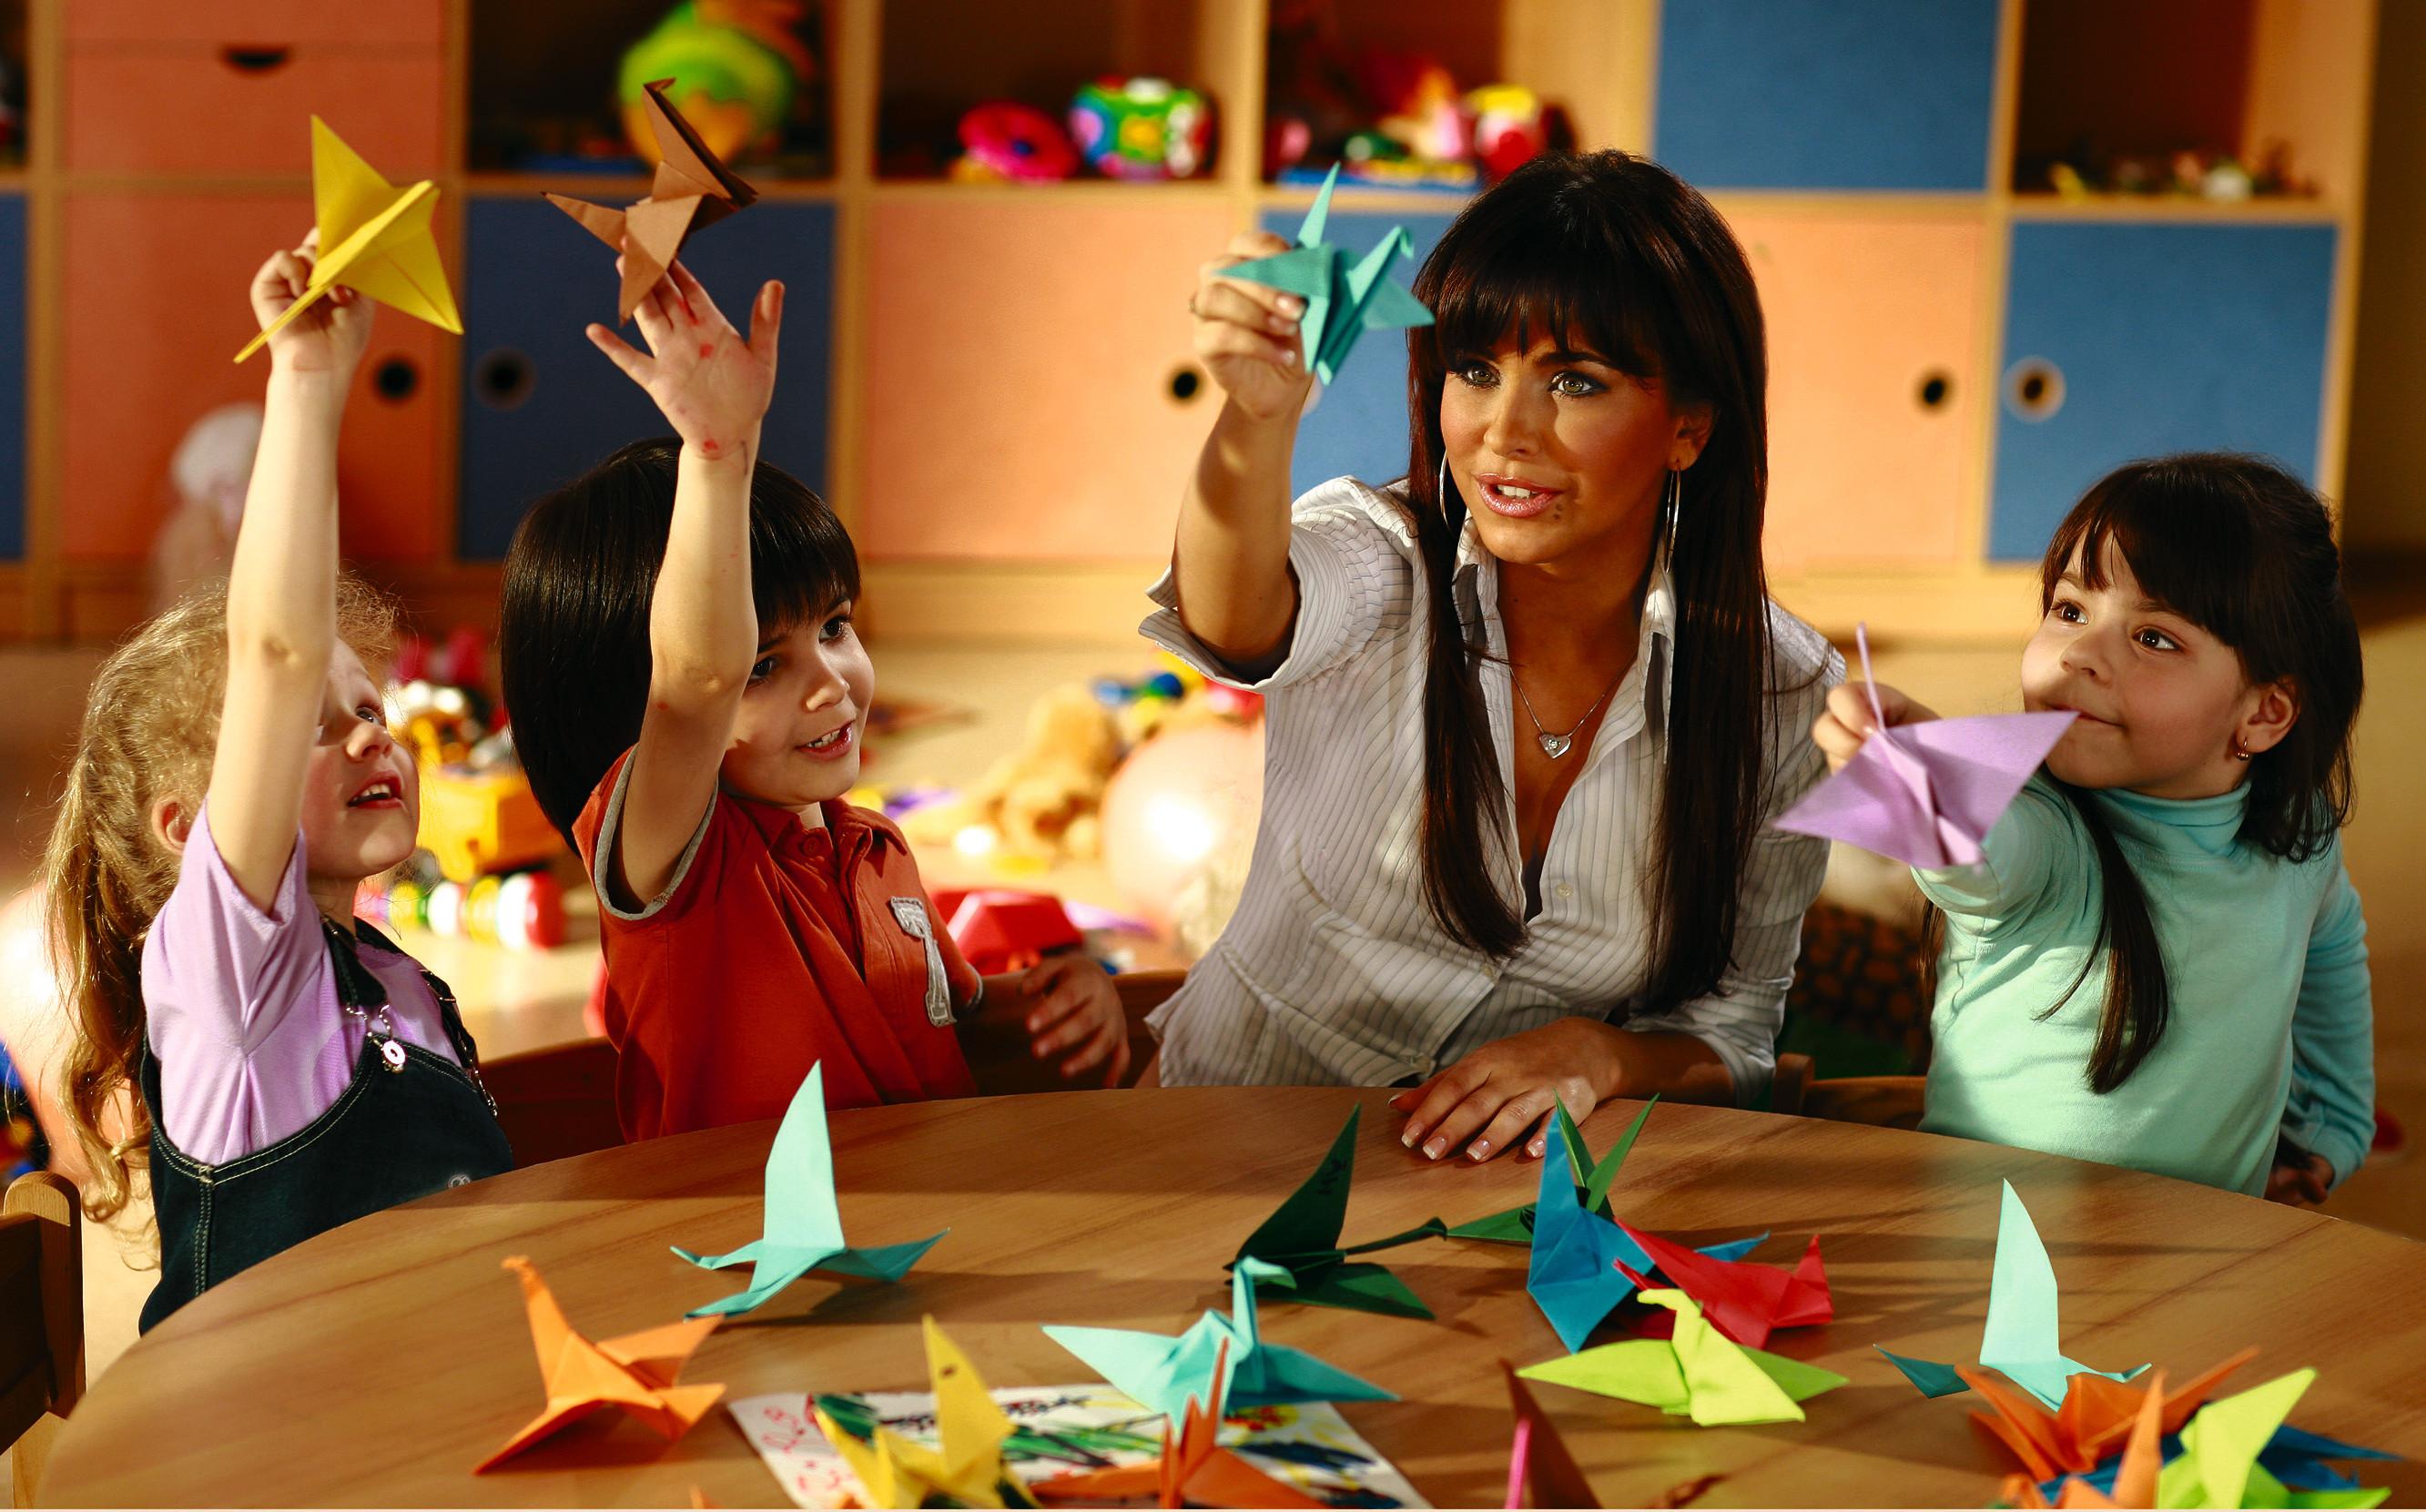 Днем, картинки дети делают оригами